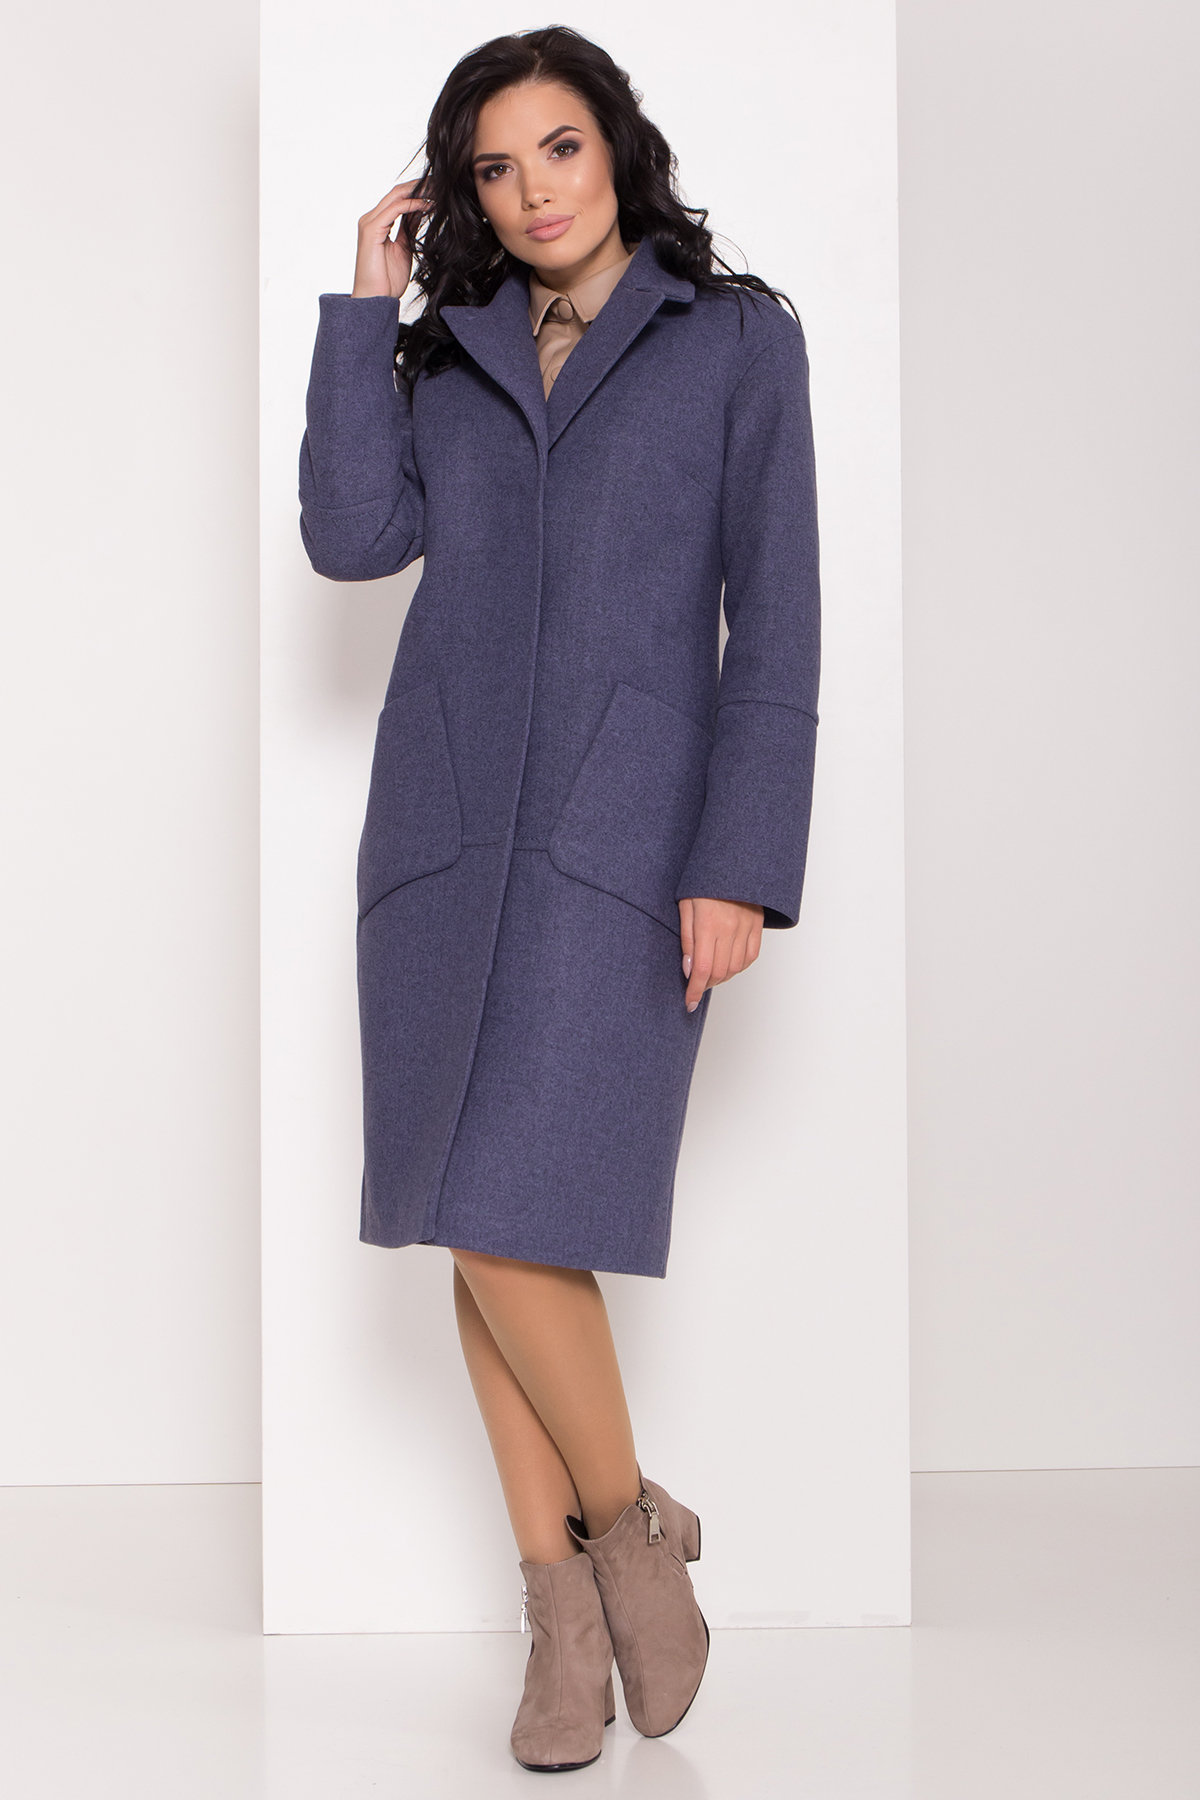 Элегантное зимнее пальто миди длины с накладными карманами Флорида 8138 АРТ. 44114 Цвет: Джинс тёмно-синий - фото 4, интернет магазин tm-modus.ru